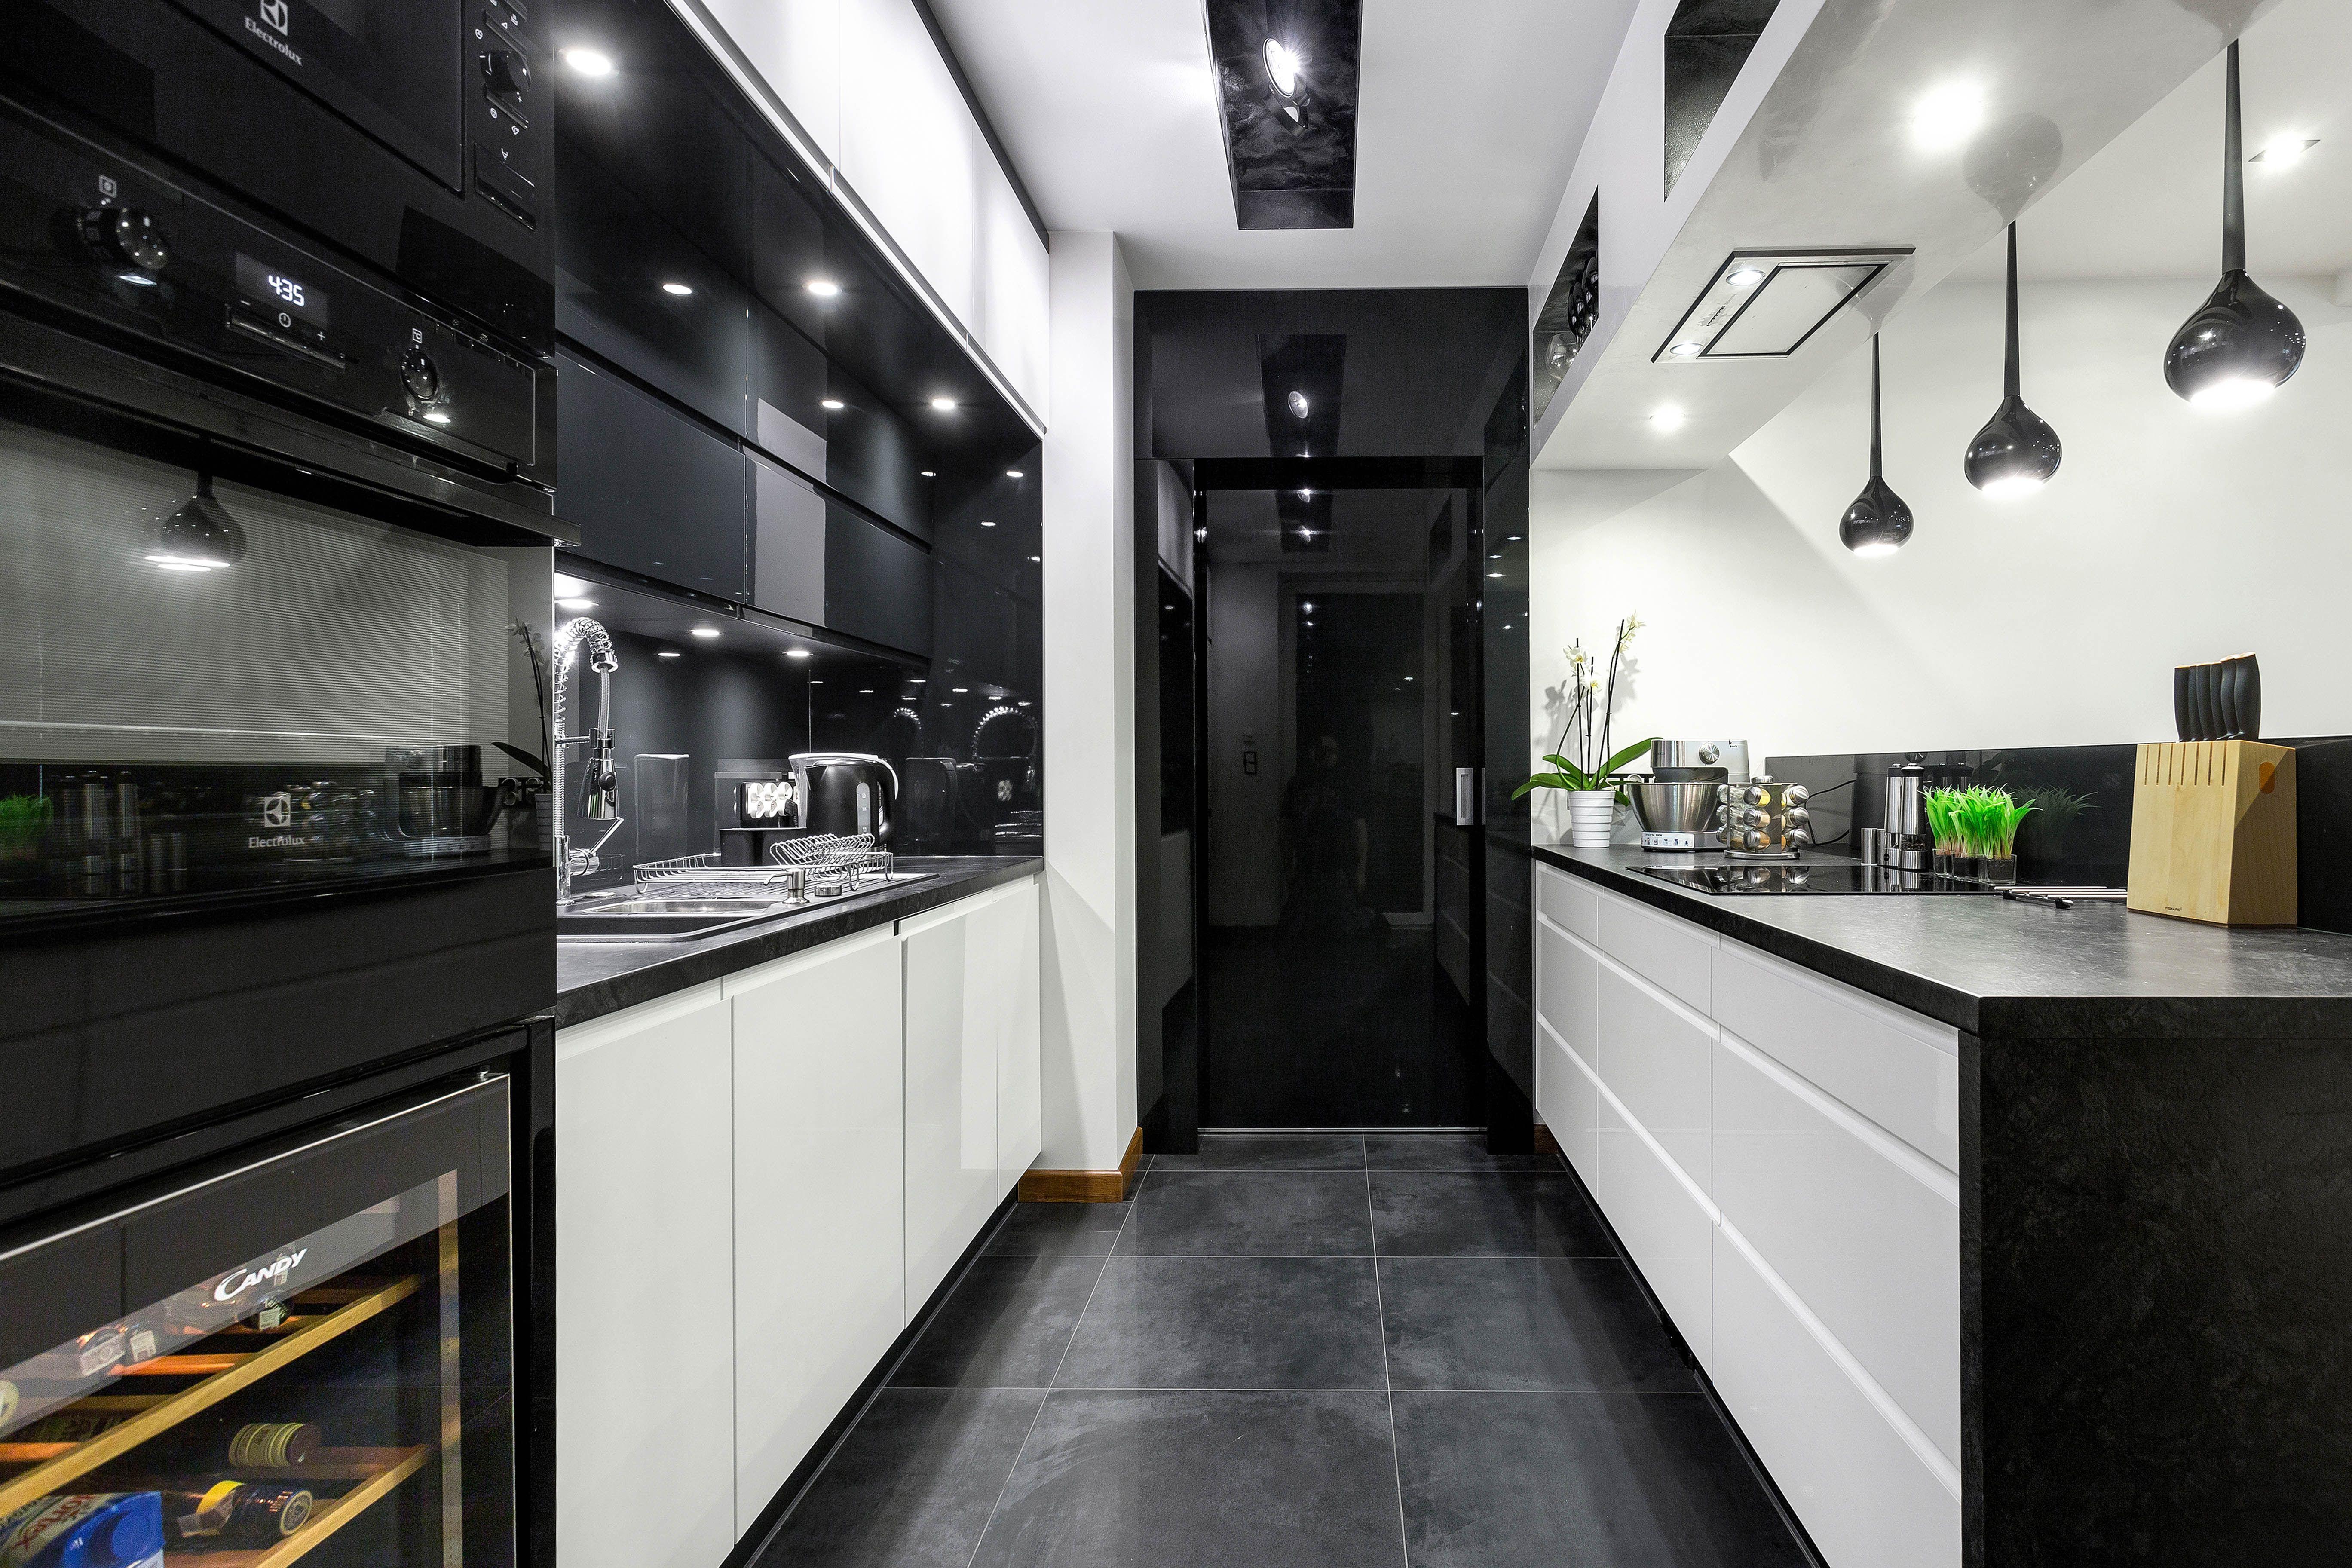 Kuchnia W Bieli I Czerni Pozwala Na Wieksza Swobode W Doborze Dodatkow Sam Zdecyduj Jakich Kuchnia Meble Studio Kuchnianazamo Kitchen Design Kitchen Home